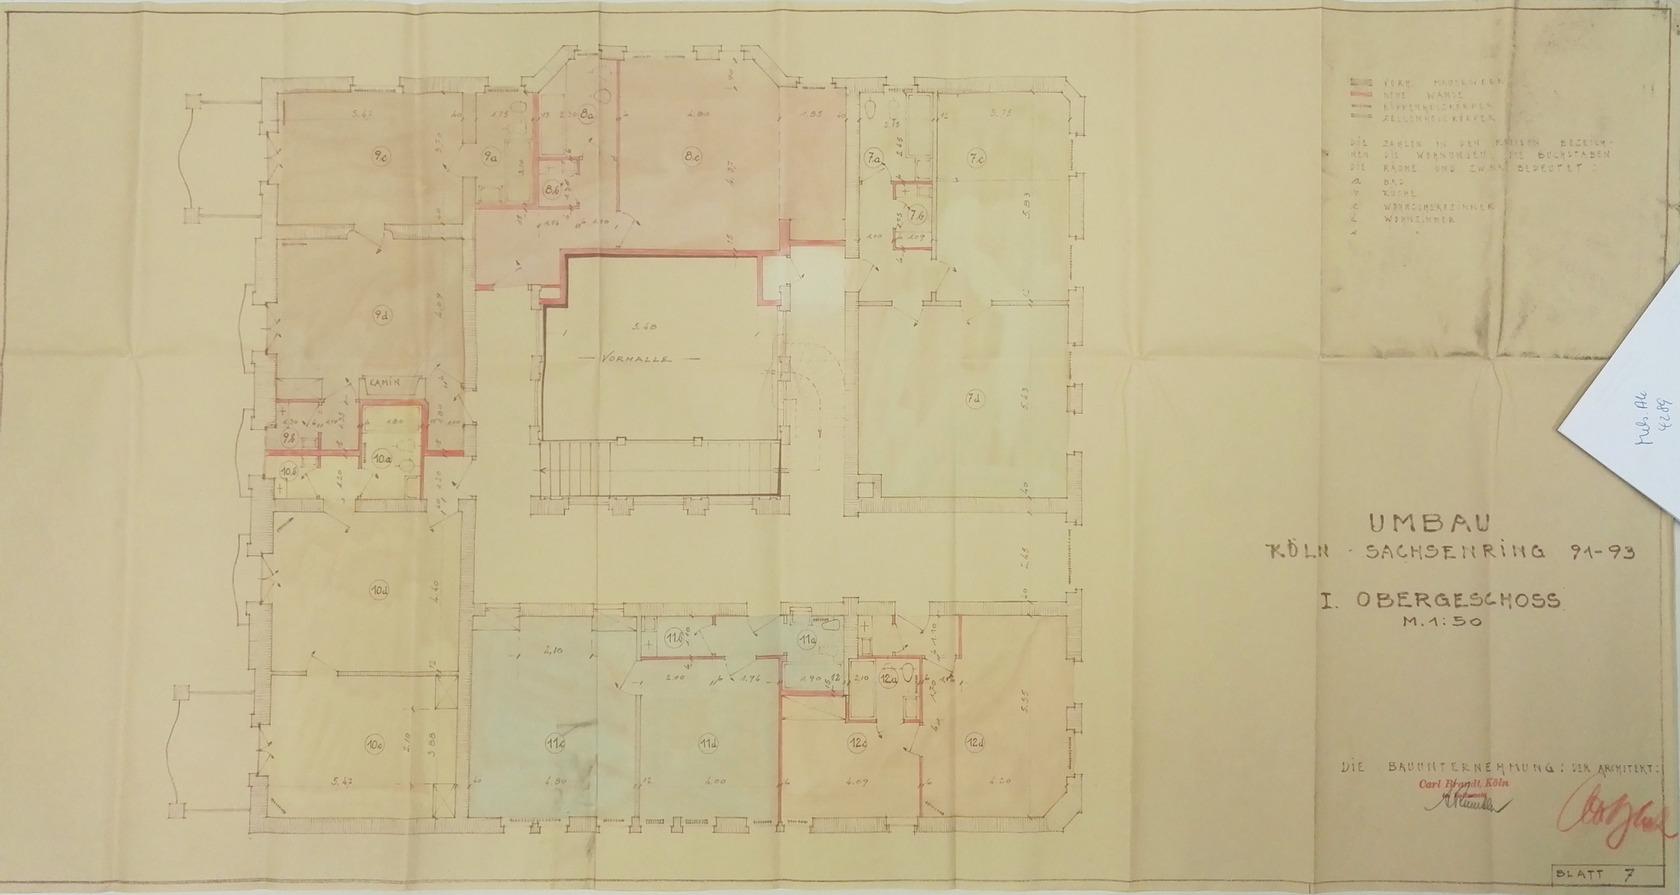 Mels.Ak, Nr. 4289: Plan des 1. OG Sachsenring 91-93, Köln